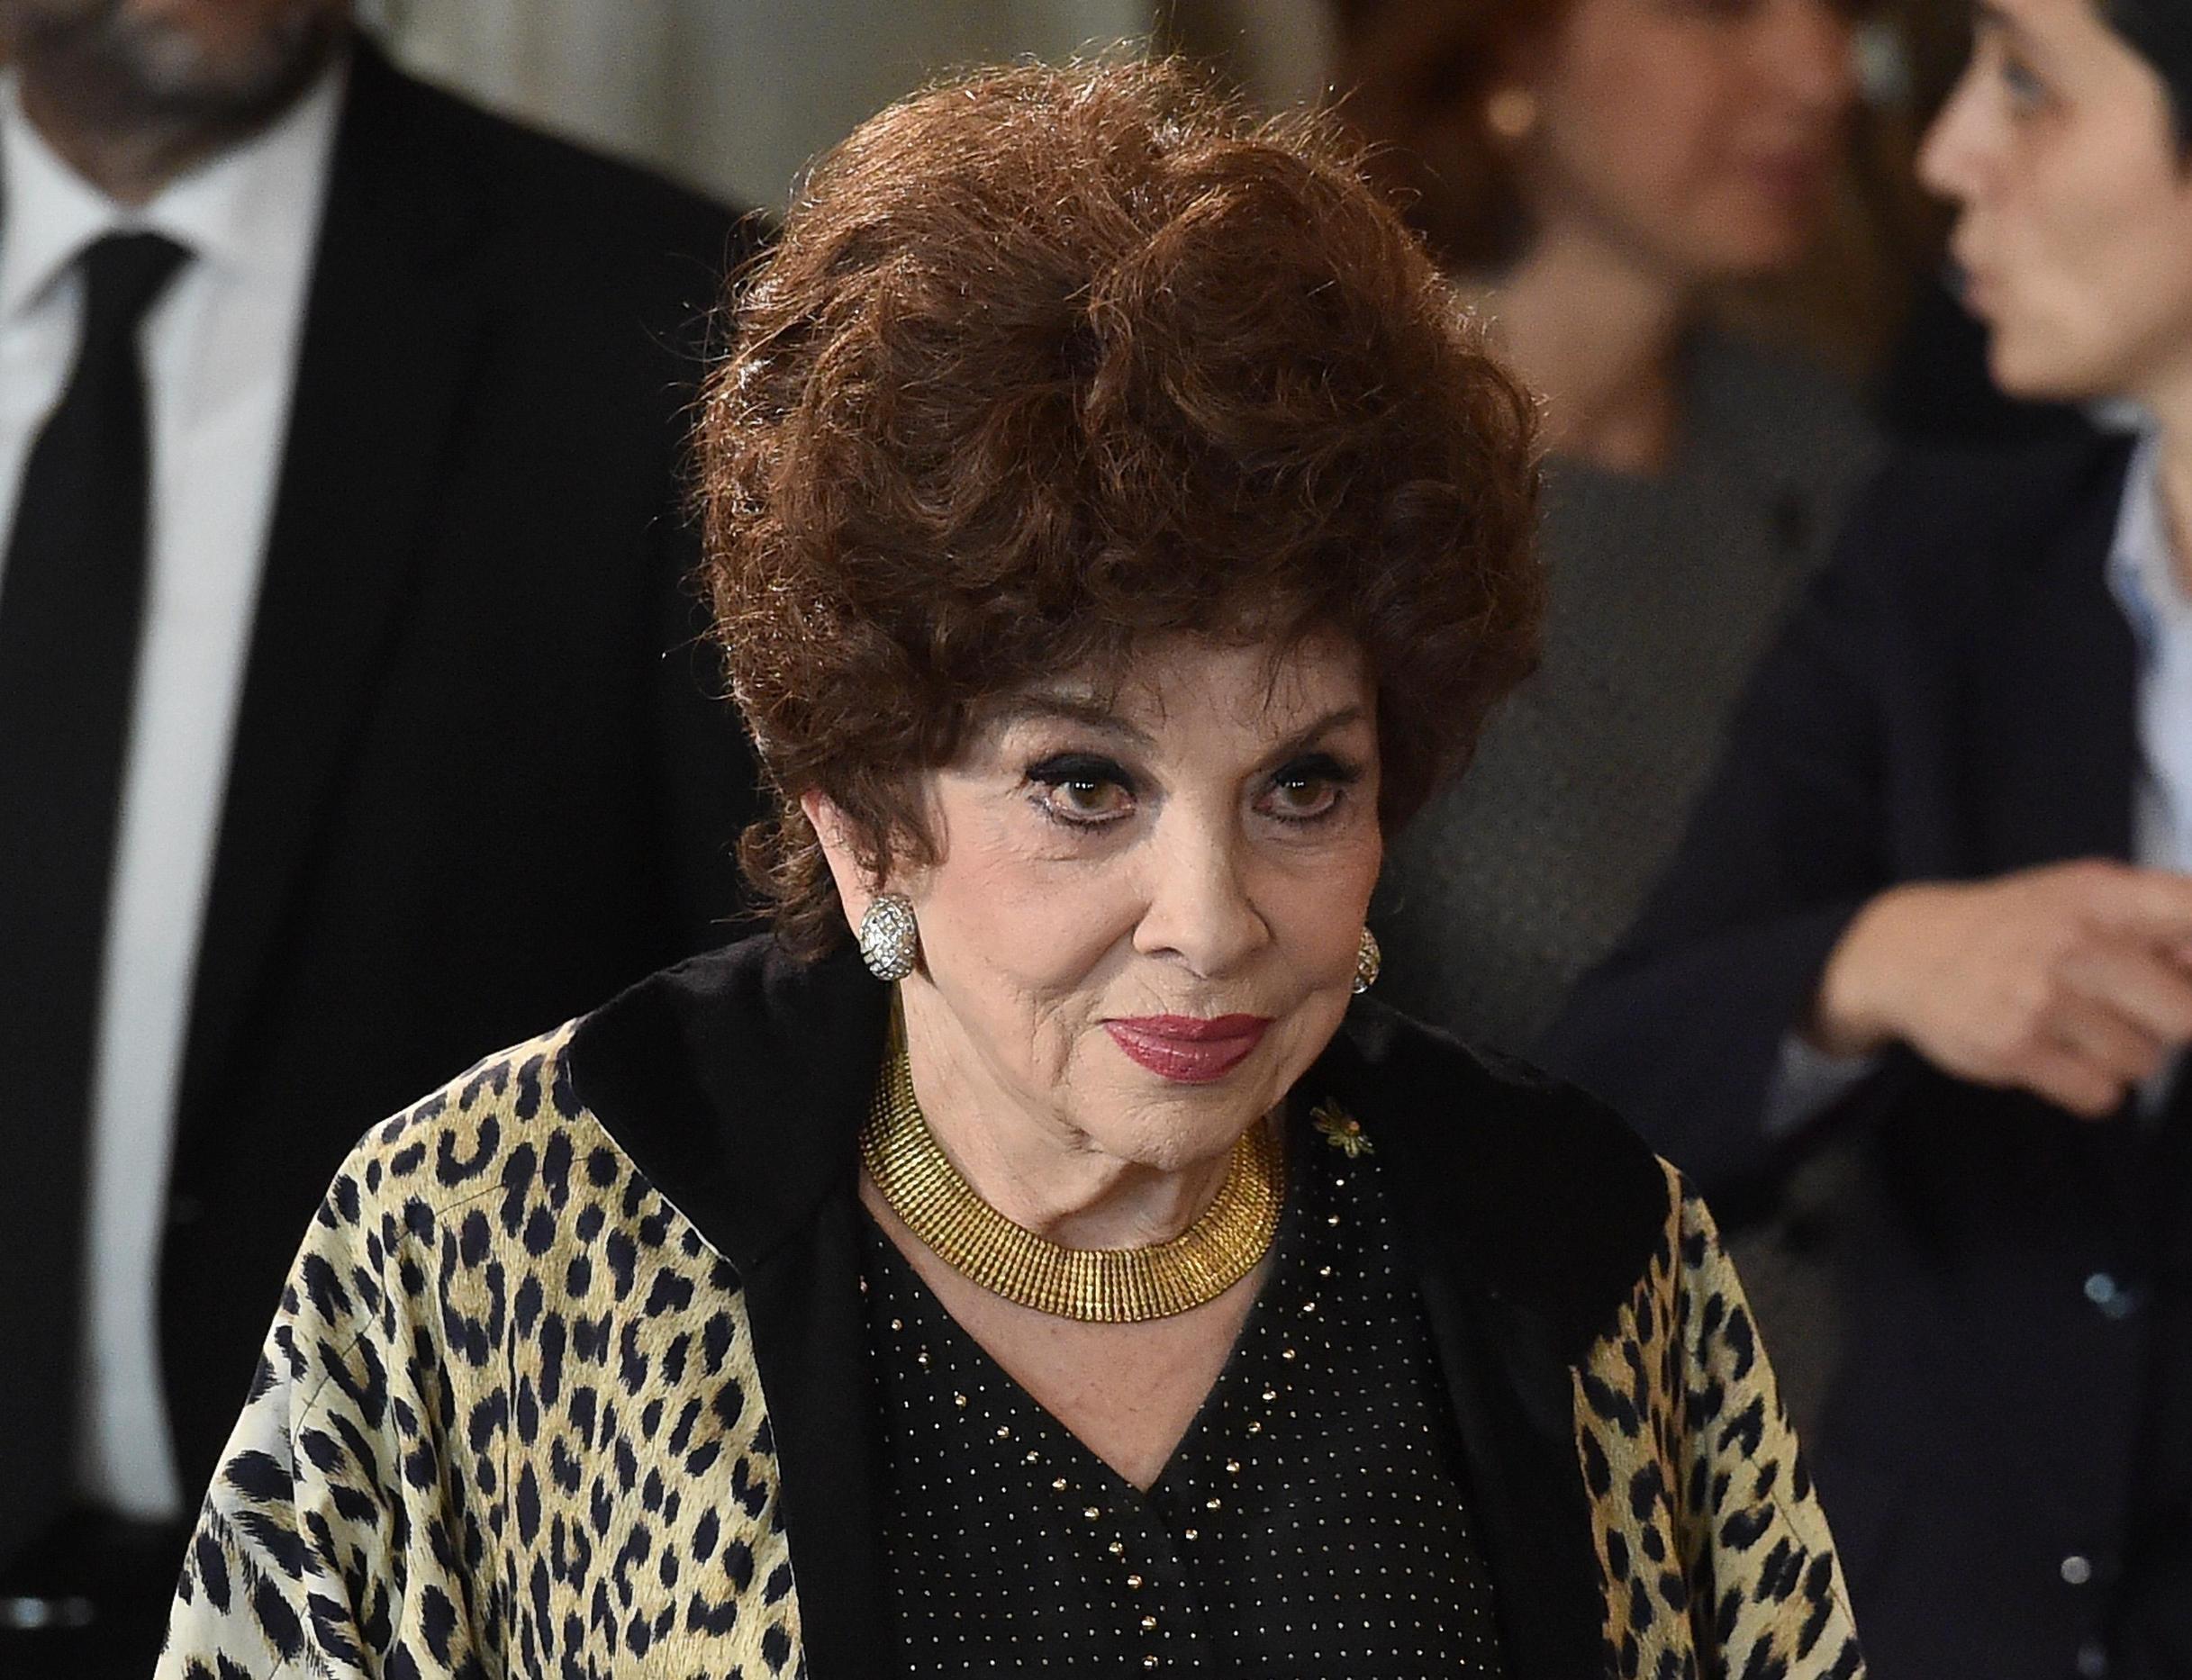 Gina Lollobrigida a Porta a Porta: Sono stata violentata due volte da due uomini potenti